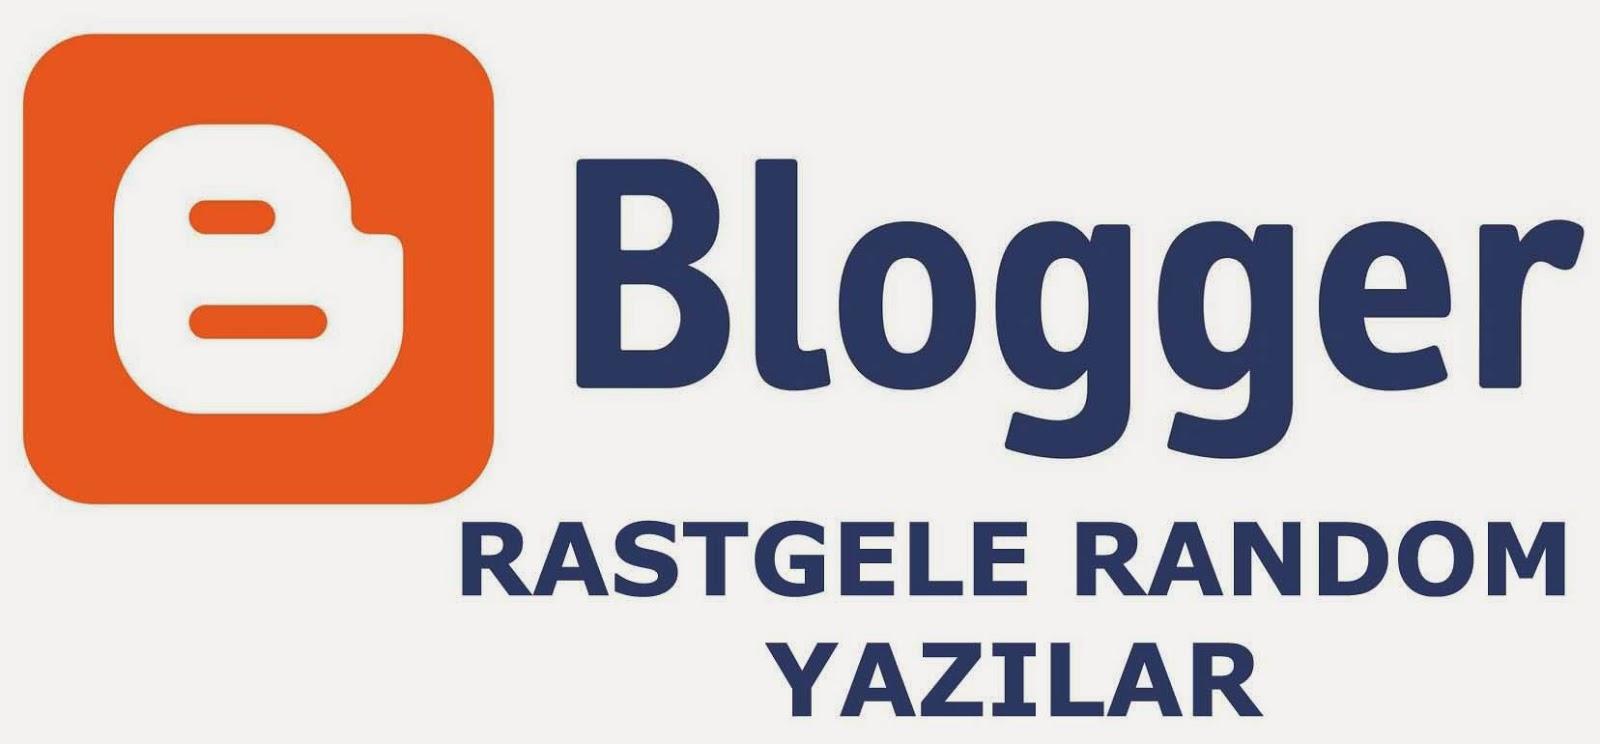 Blogger Rastgele Yazı Eklentisi